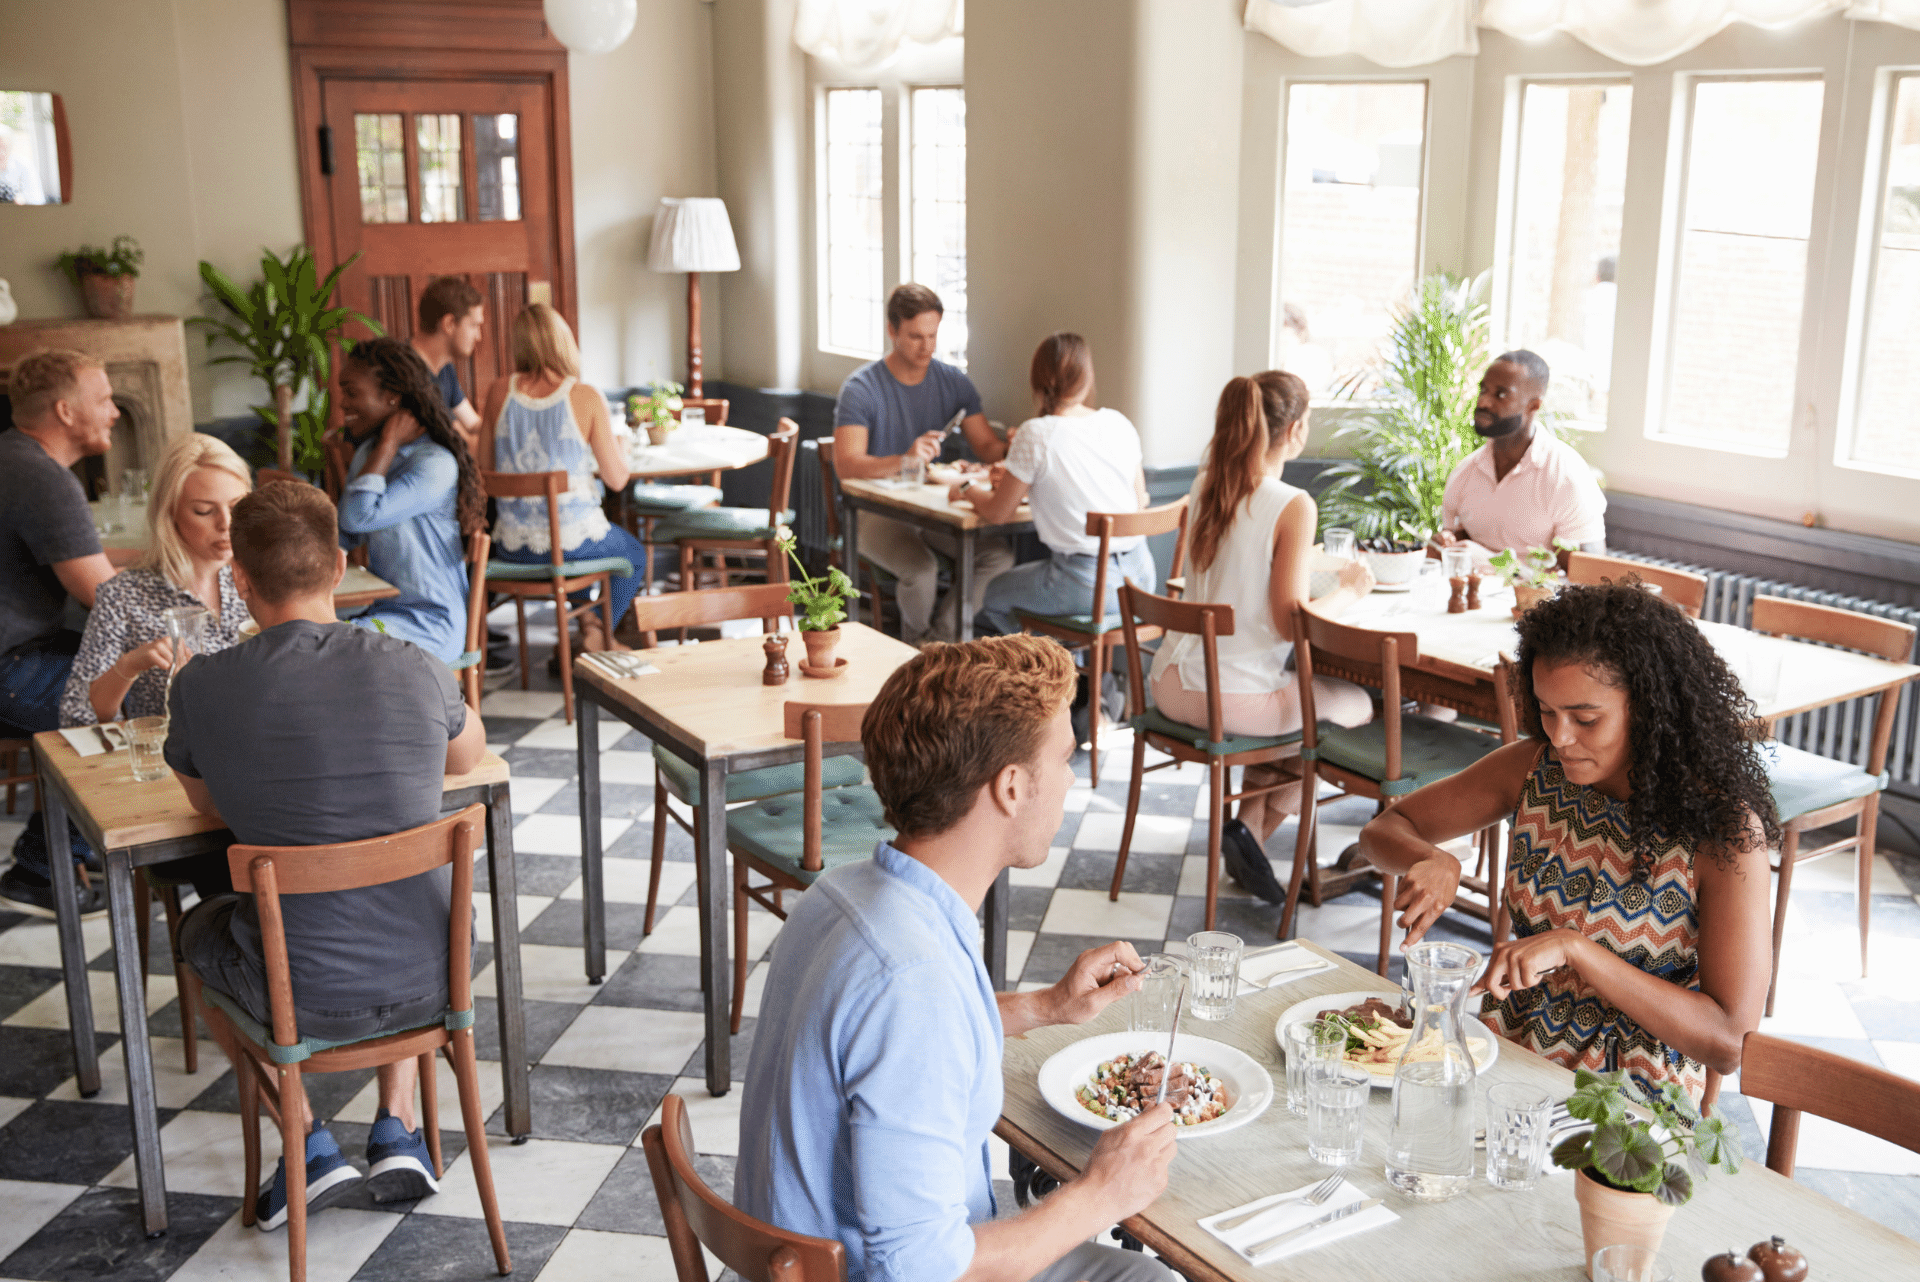 restaurante-lleno-de-clientes-comiendo